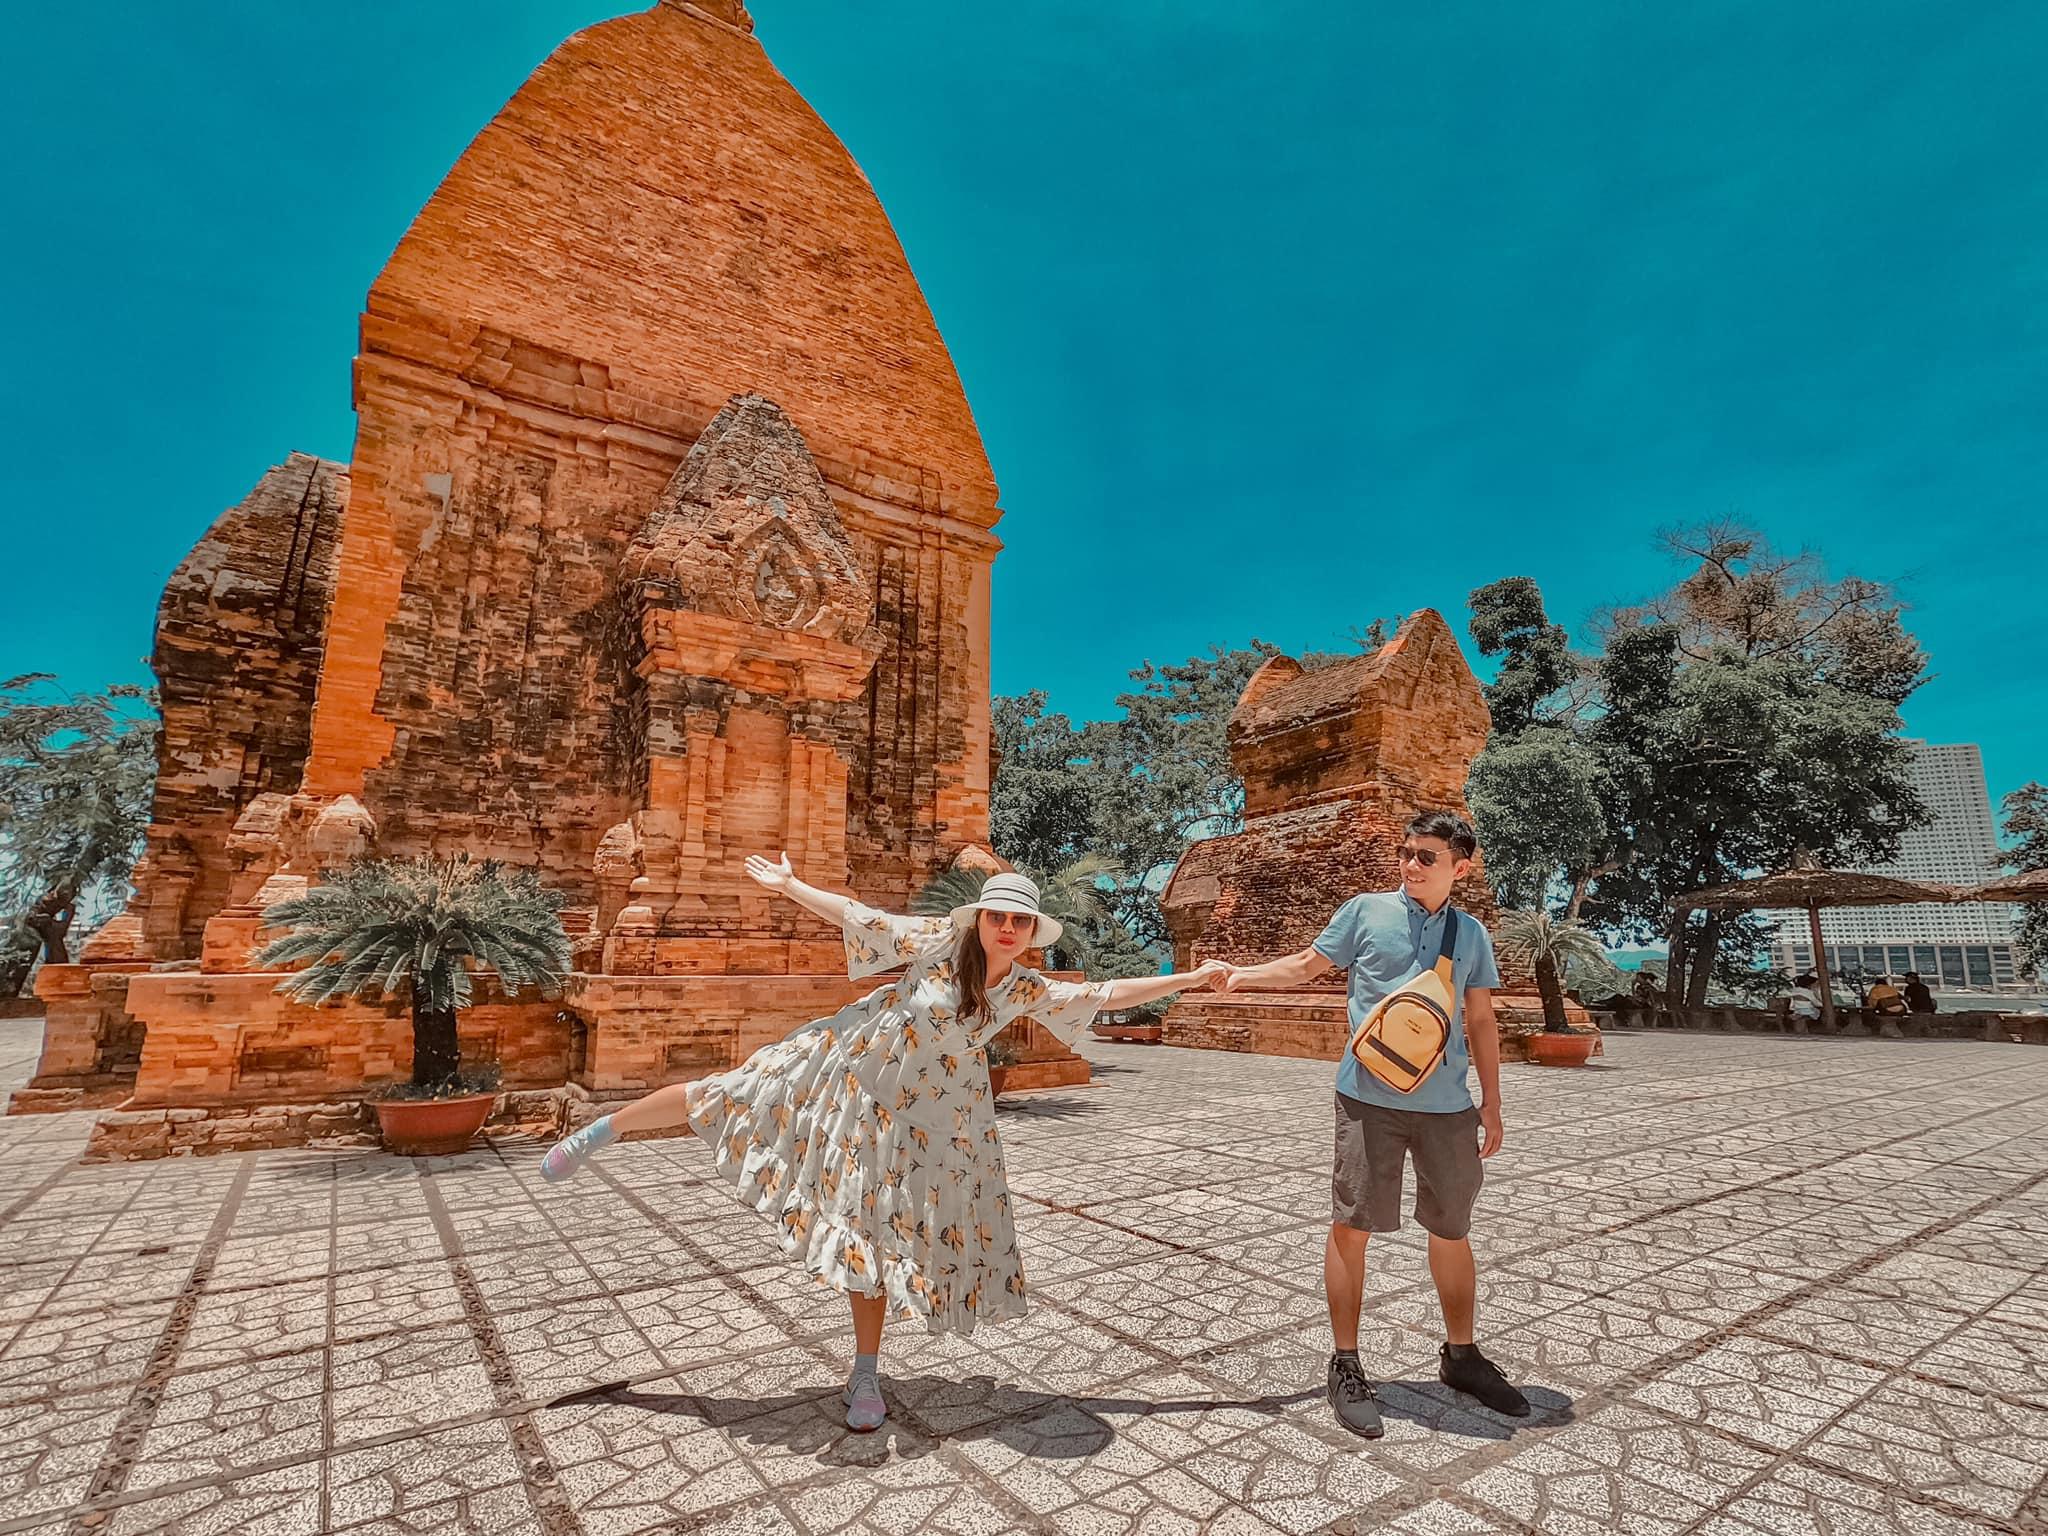 Tour du lịch từ Hải Phòng đi Nha Trang: Ưu đãi bất tận trong mùa hè này - Ảnh 10.